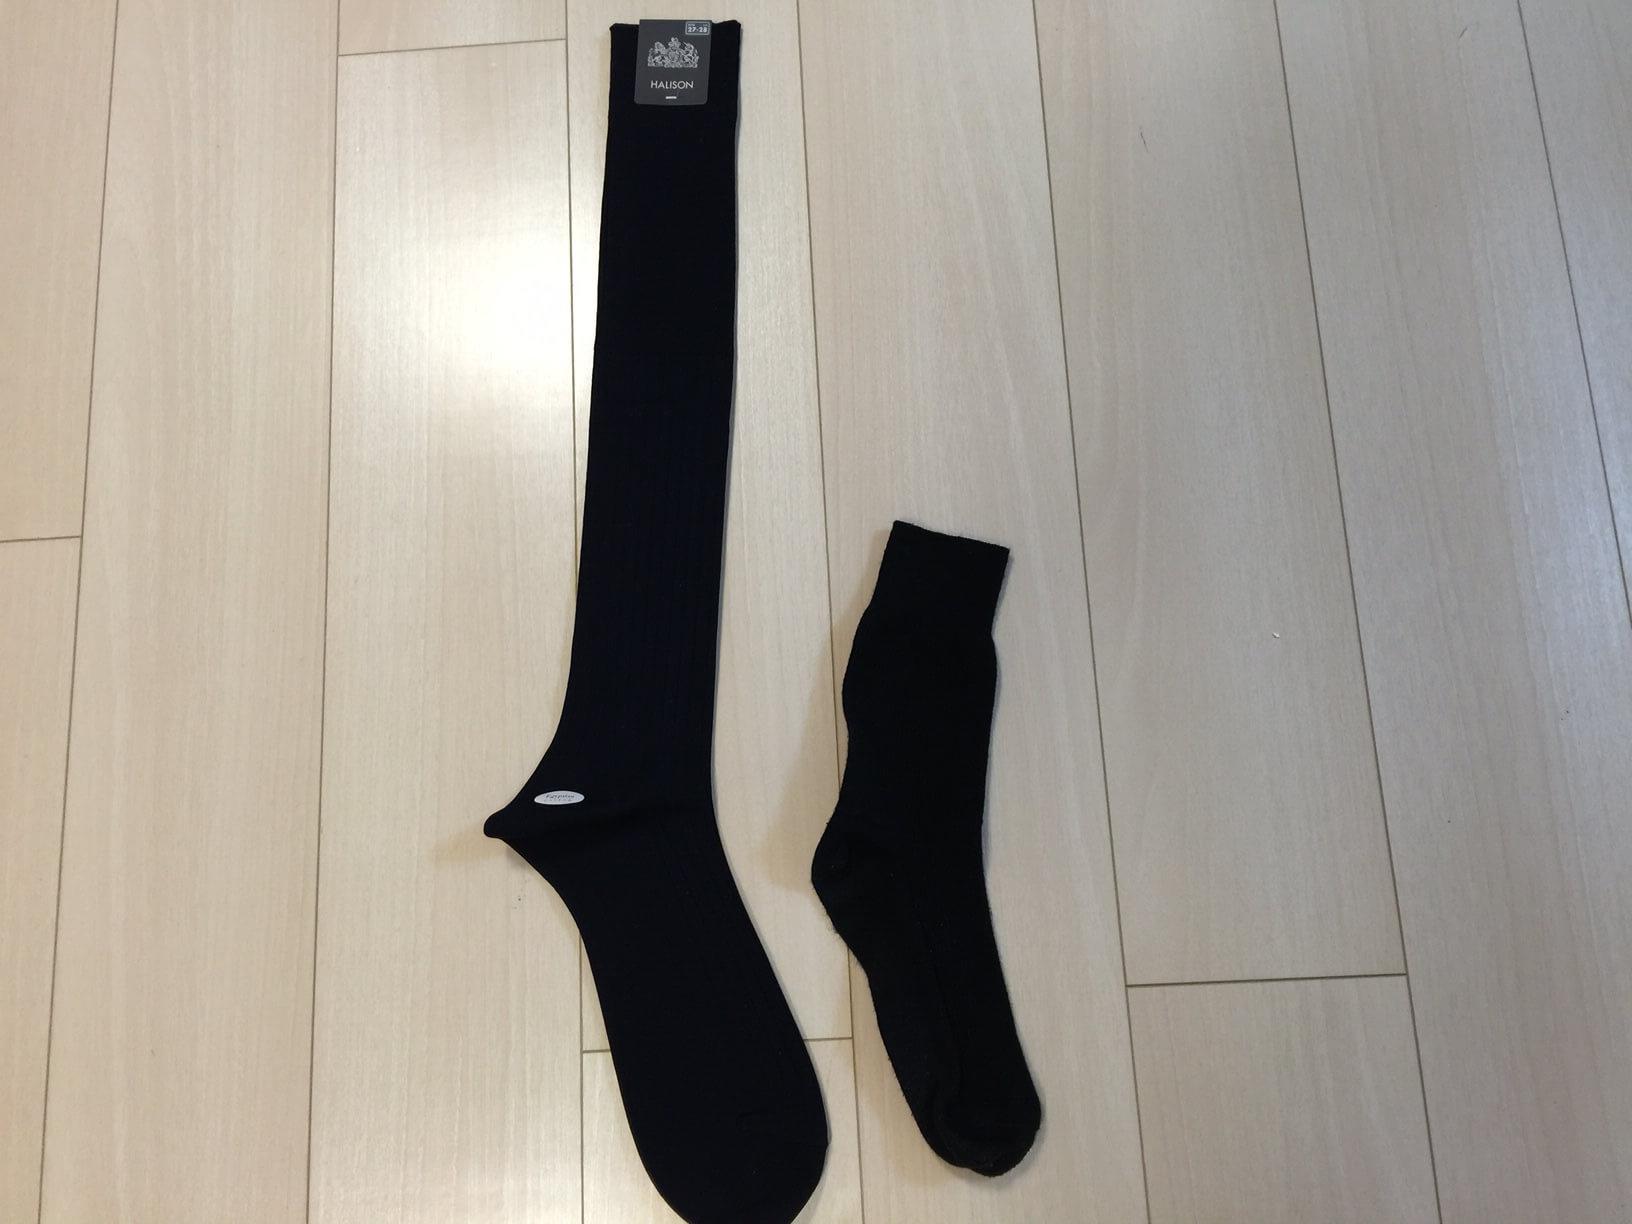 ロングホーズと通常の靴下比較